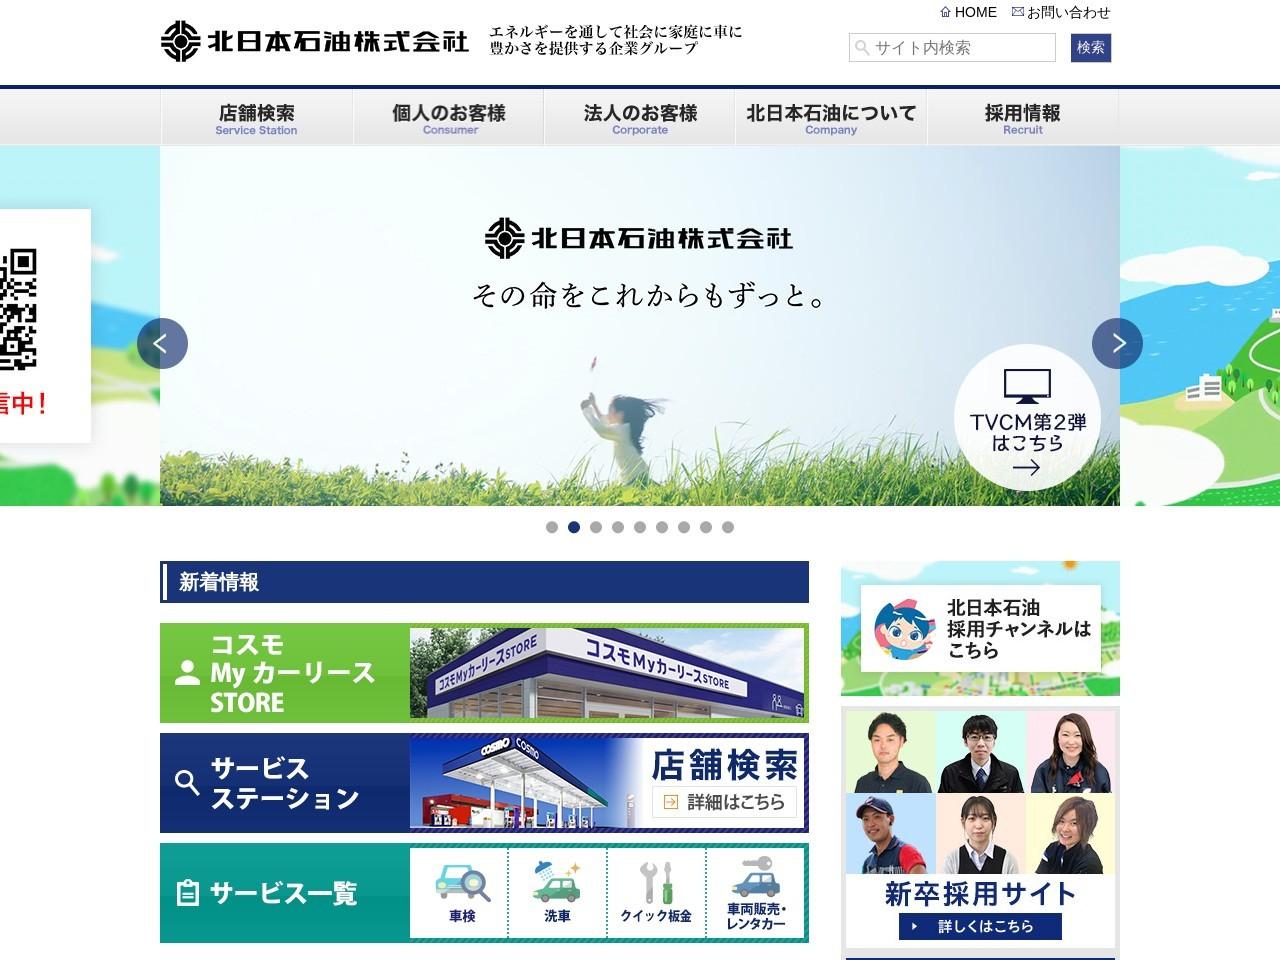 北日本石油株式会社小樽支店